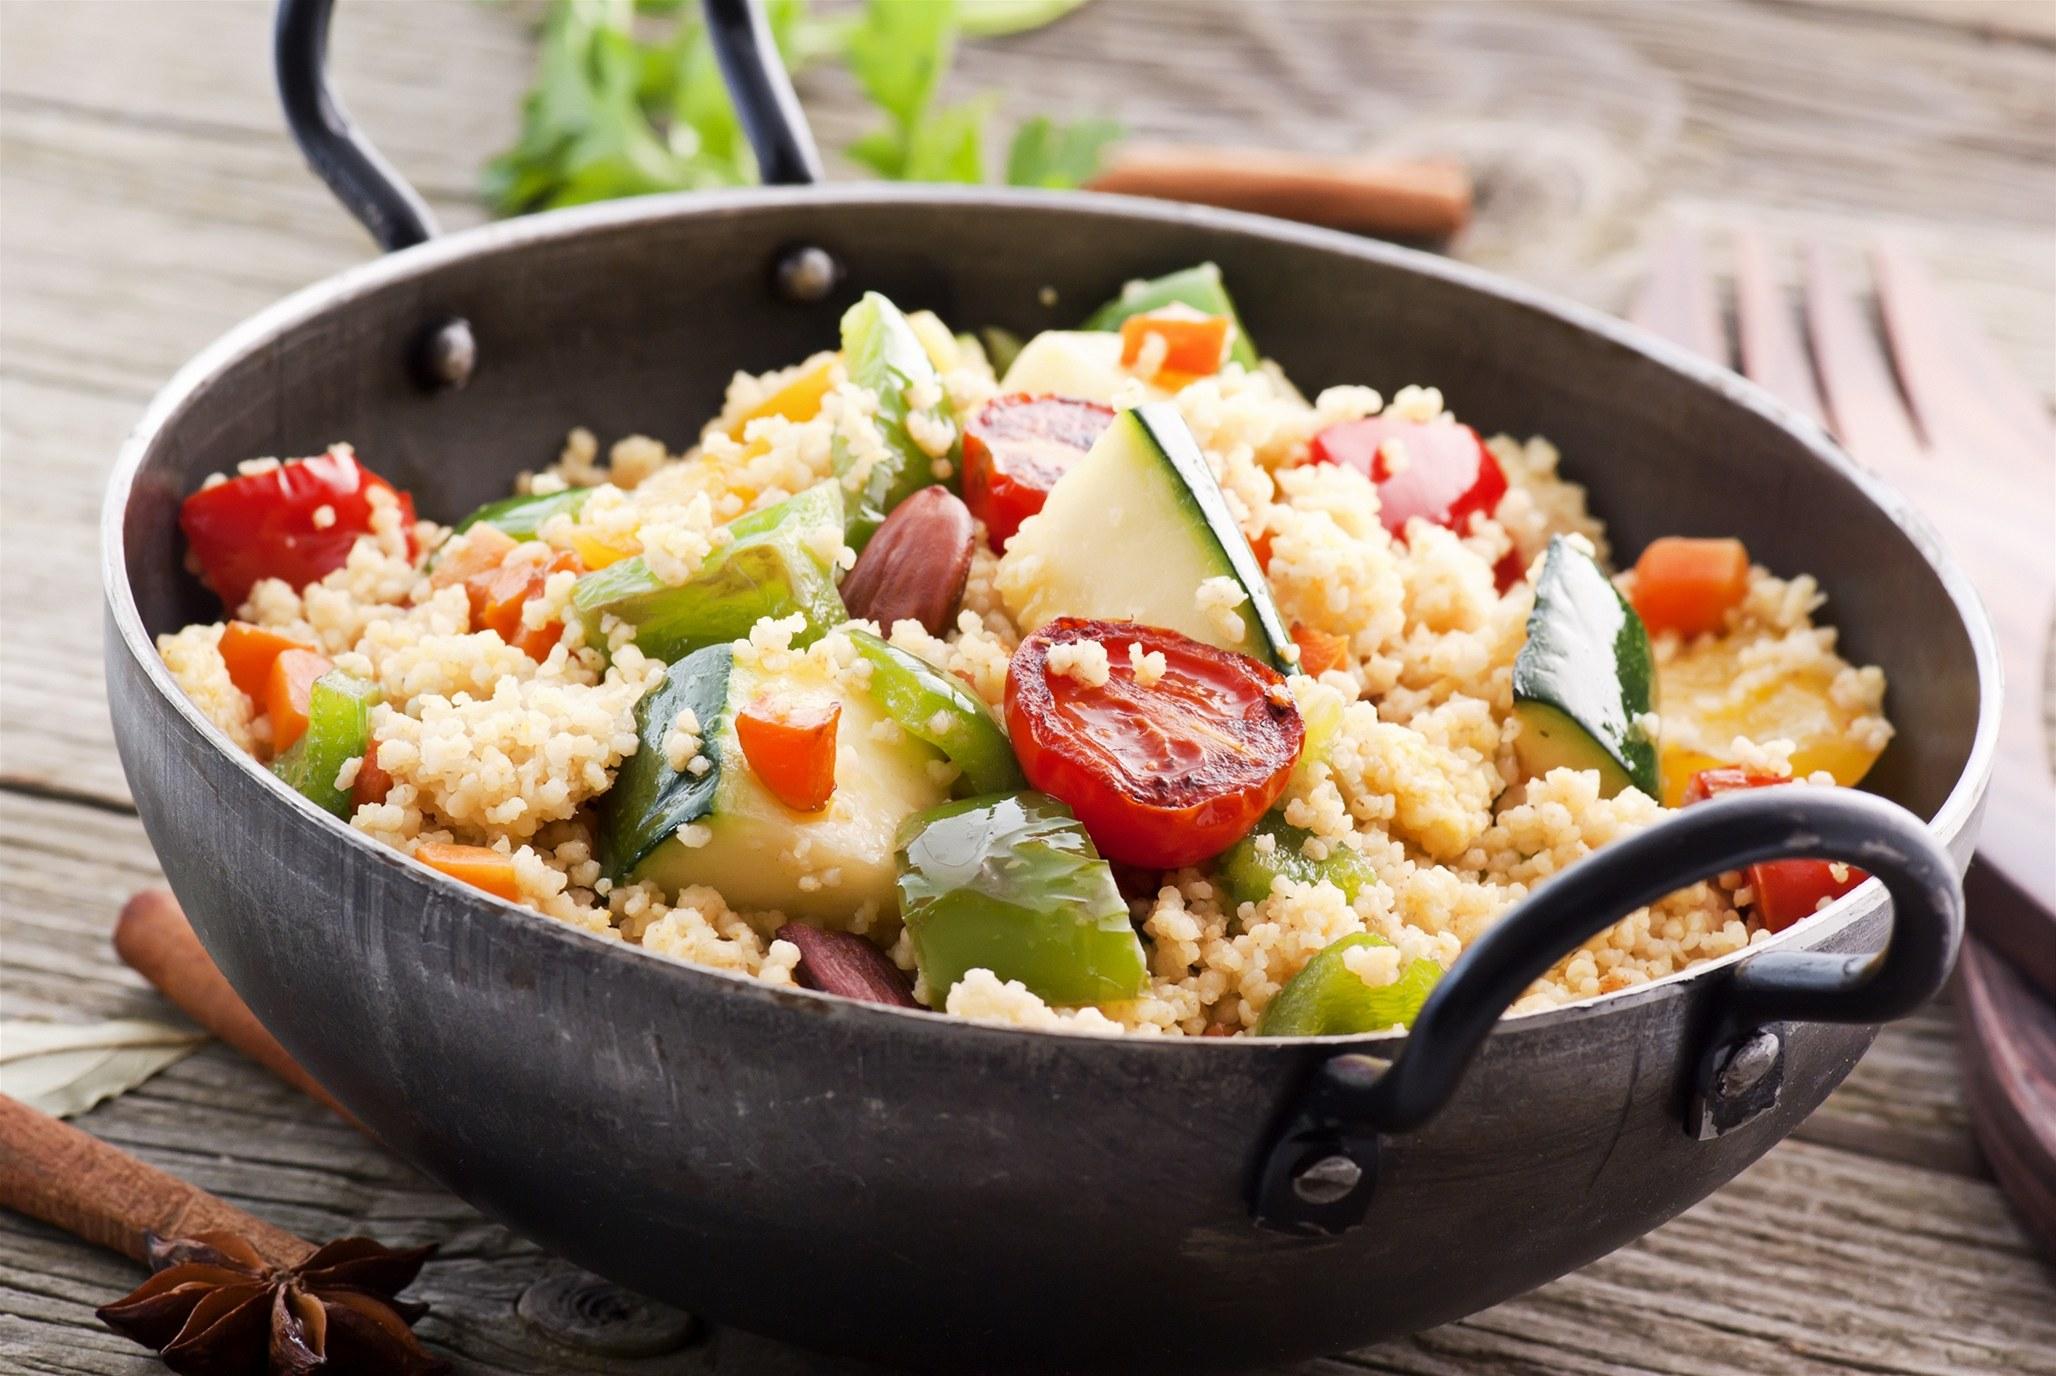 вкусные блюда для худеющих рецепты